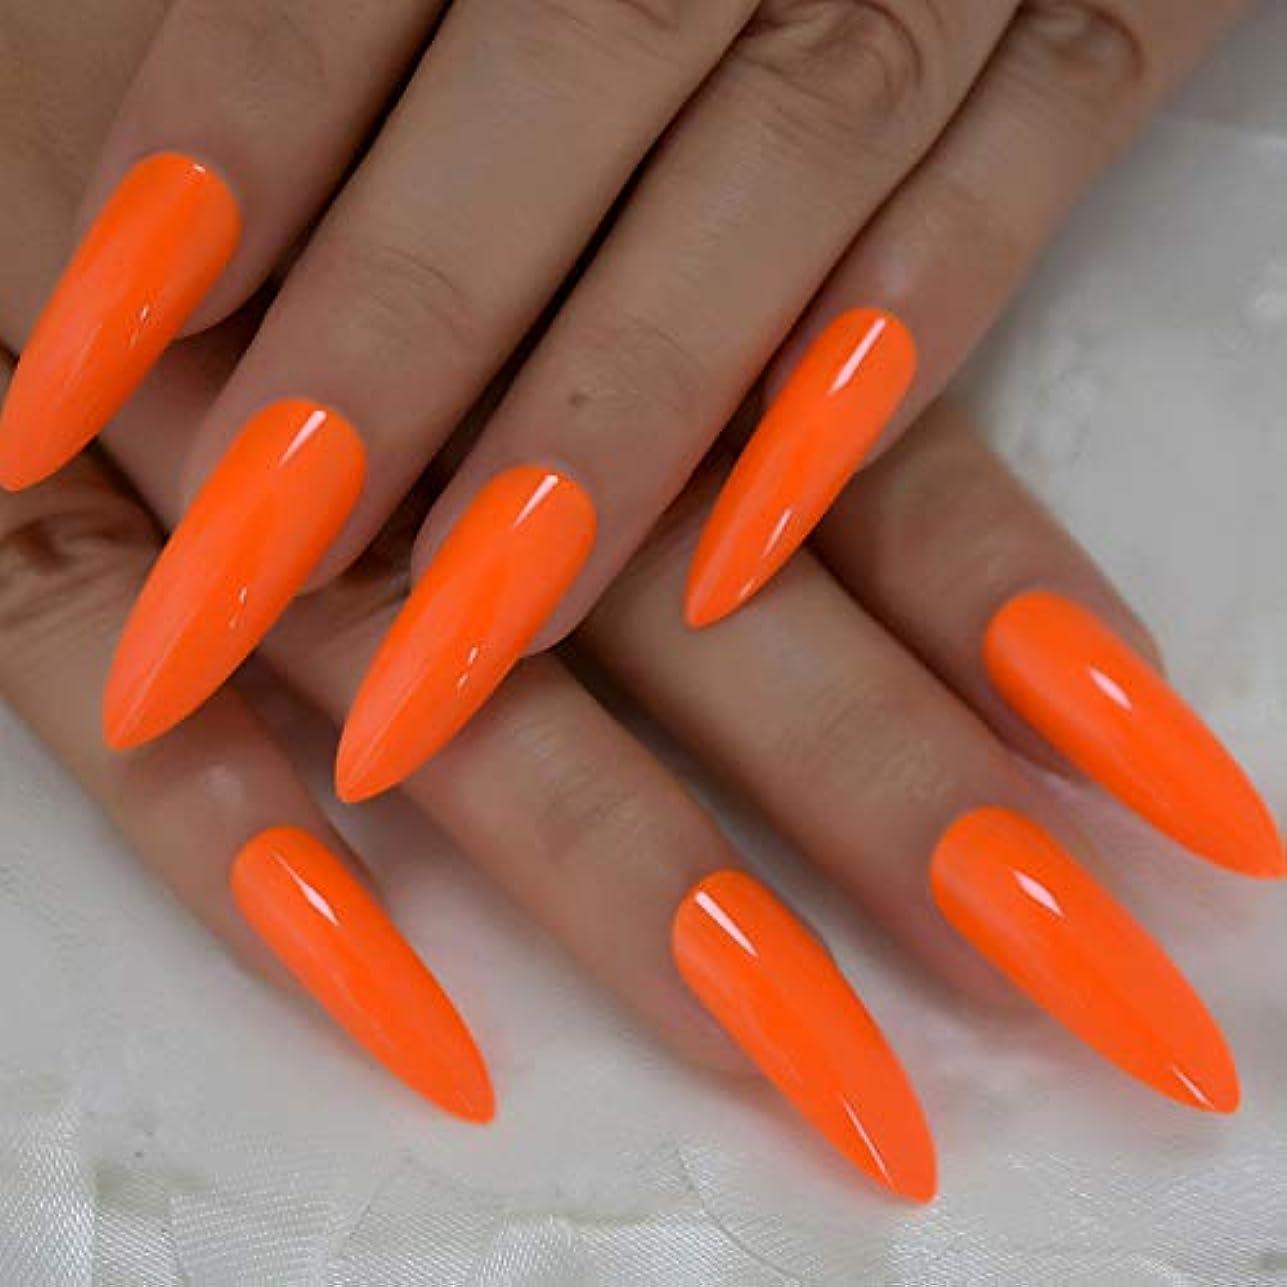 回転させる適用する押すXUTXZKA 偽の爪爪のデコレーションマニキュアのヒントの非常に長いオレンジ色の光沢のあるプレス爪24